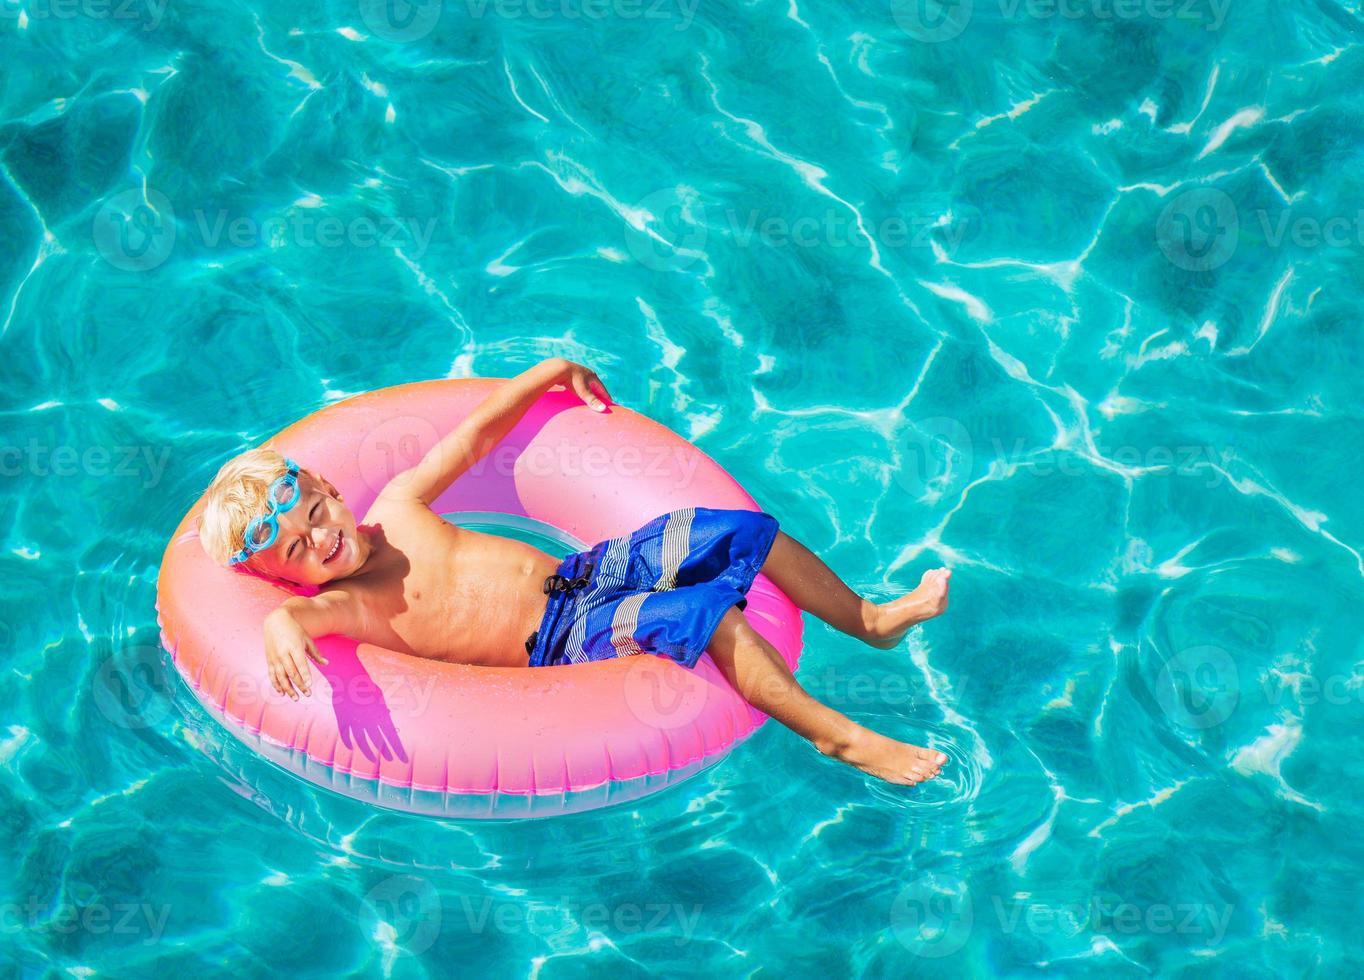 garoto se divertindo na piscina foto